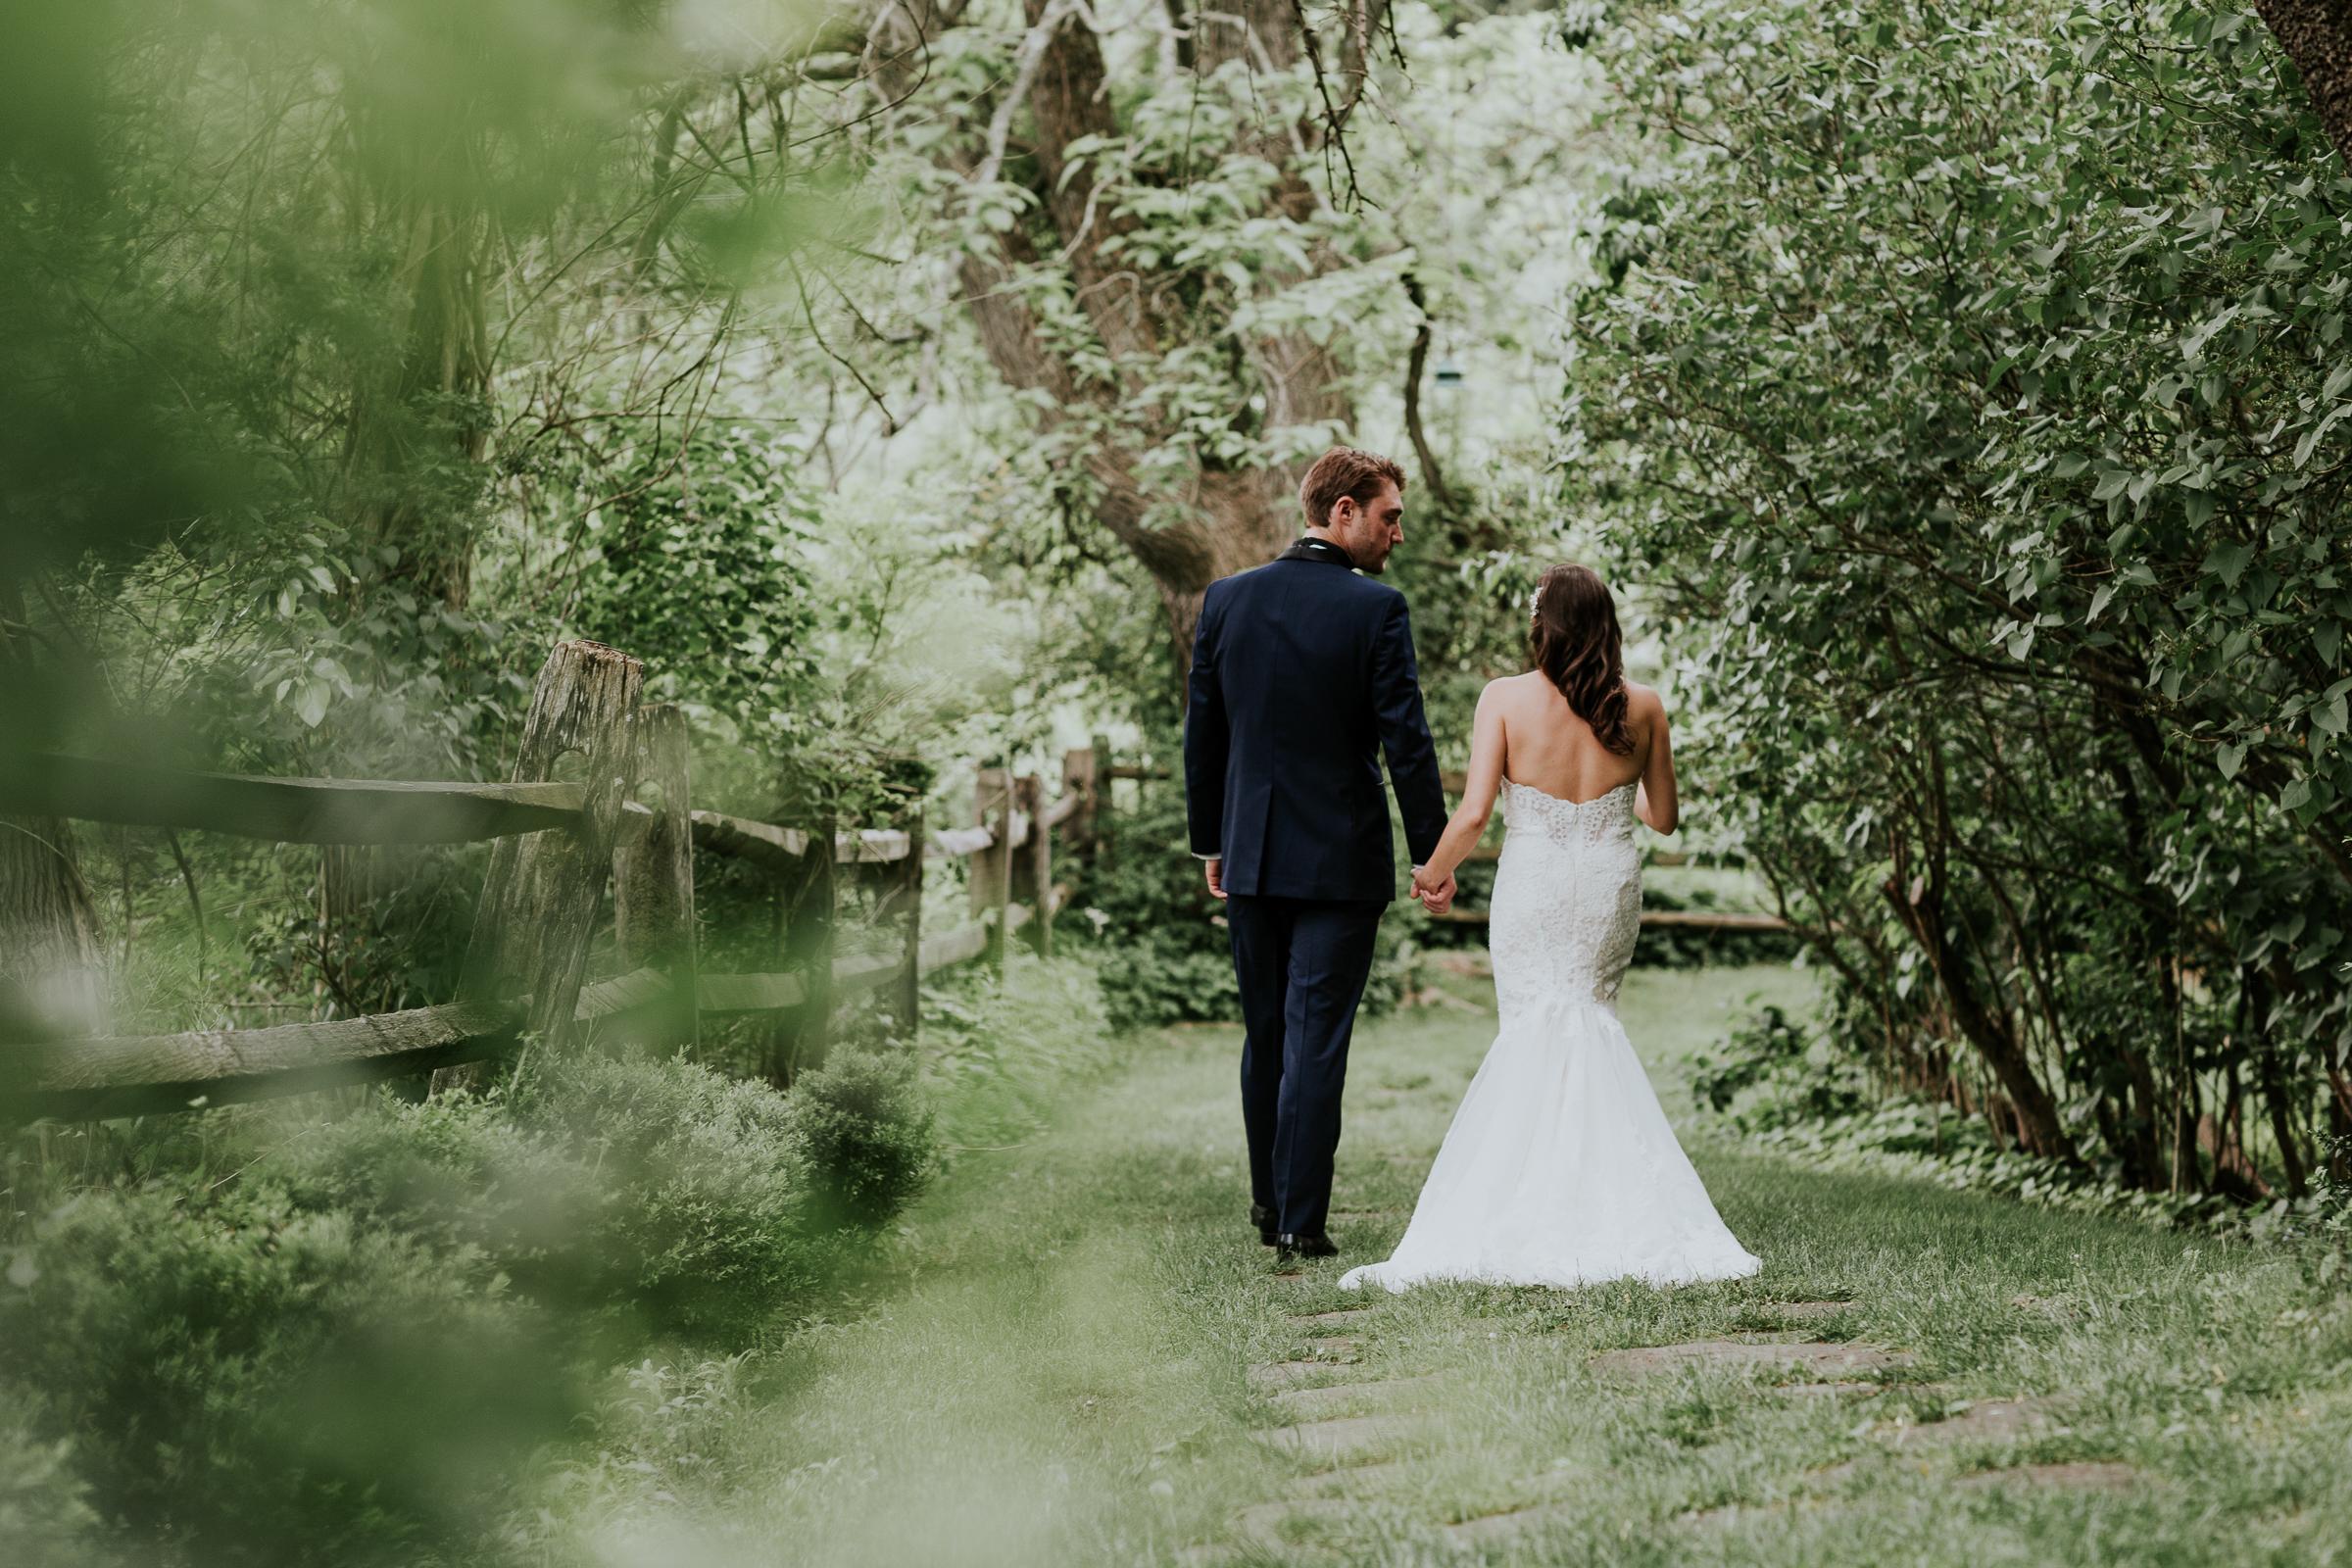 Crossed-Keys-Estate-Andover-NJ-Fine-Art-Documentary-Wedding-Photographer-52.jpg